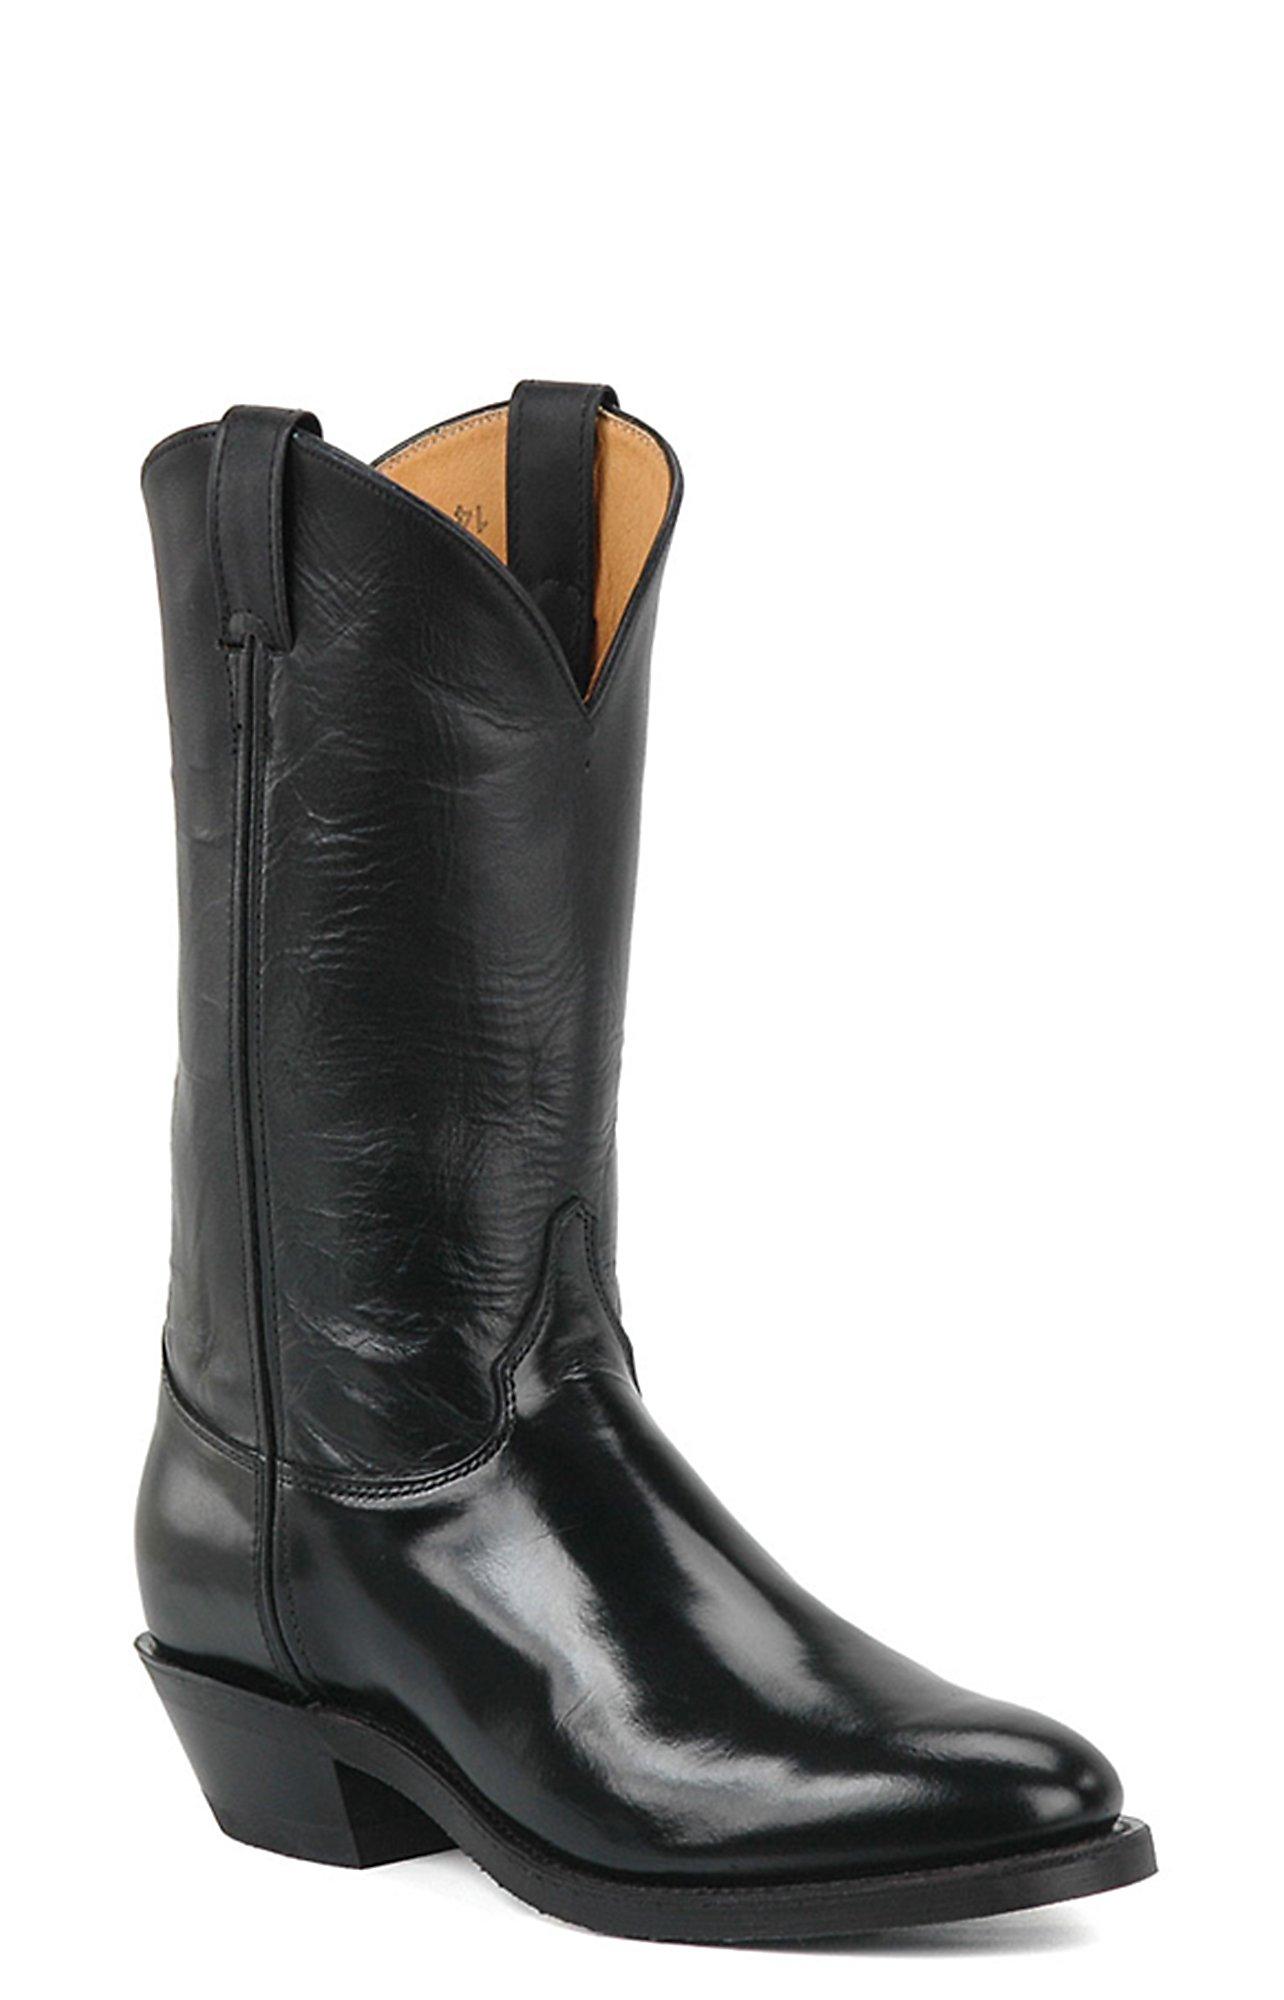 Mens Black Justin Boots Boots Black Justin Mens